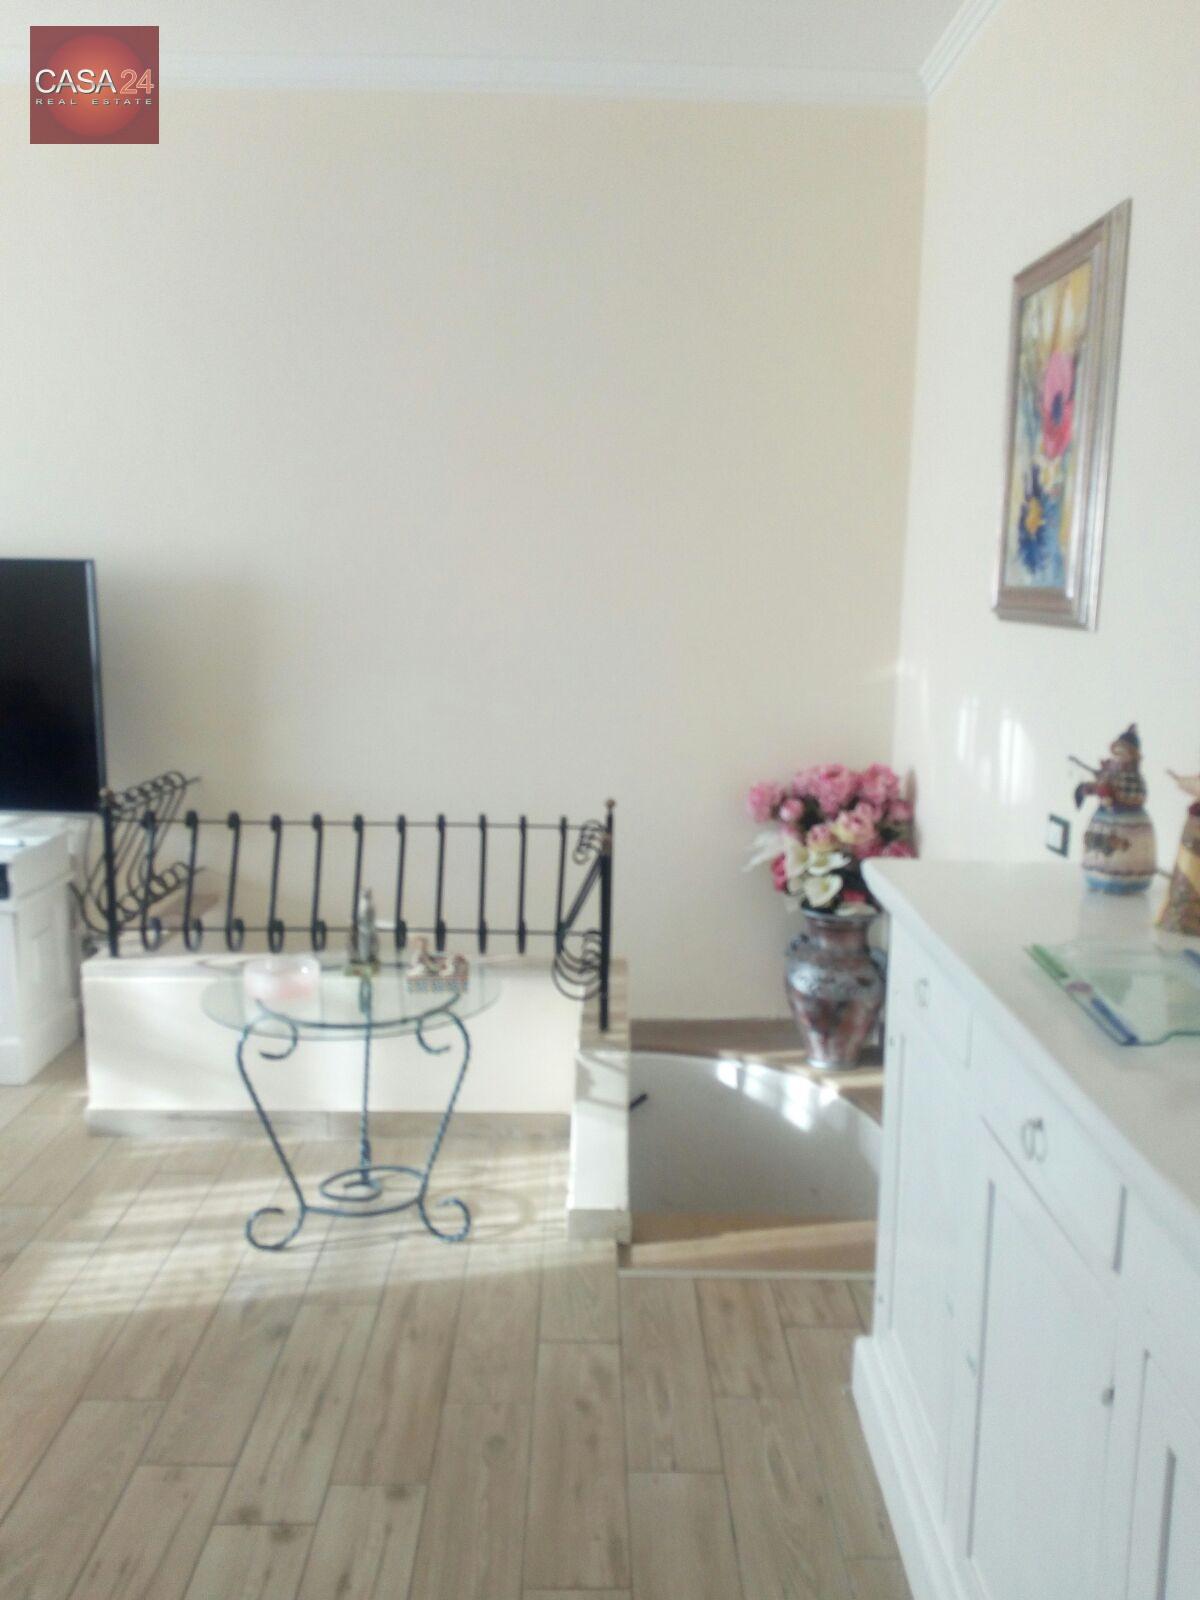 Appartamento in vendita a Latina, 6 locali, zona Località: R2ZonaPiccarello, prezzo € 215.000 | Cambio Casa.it